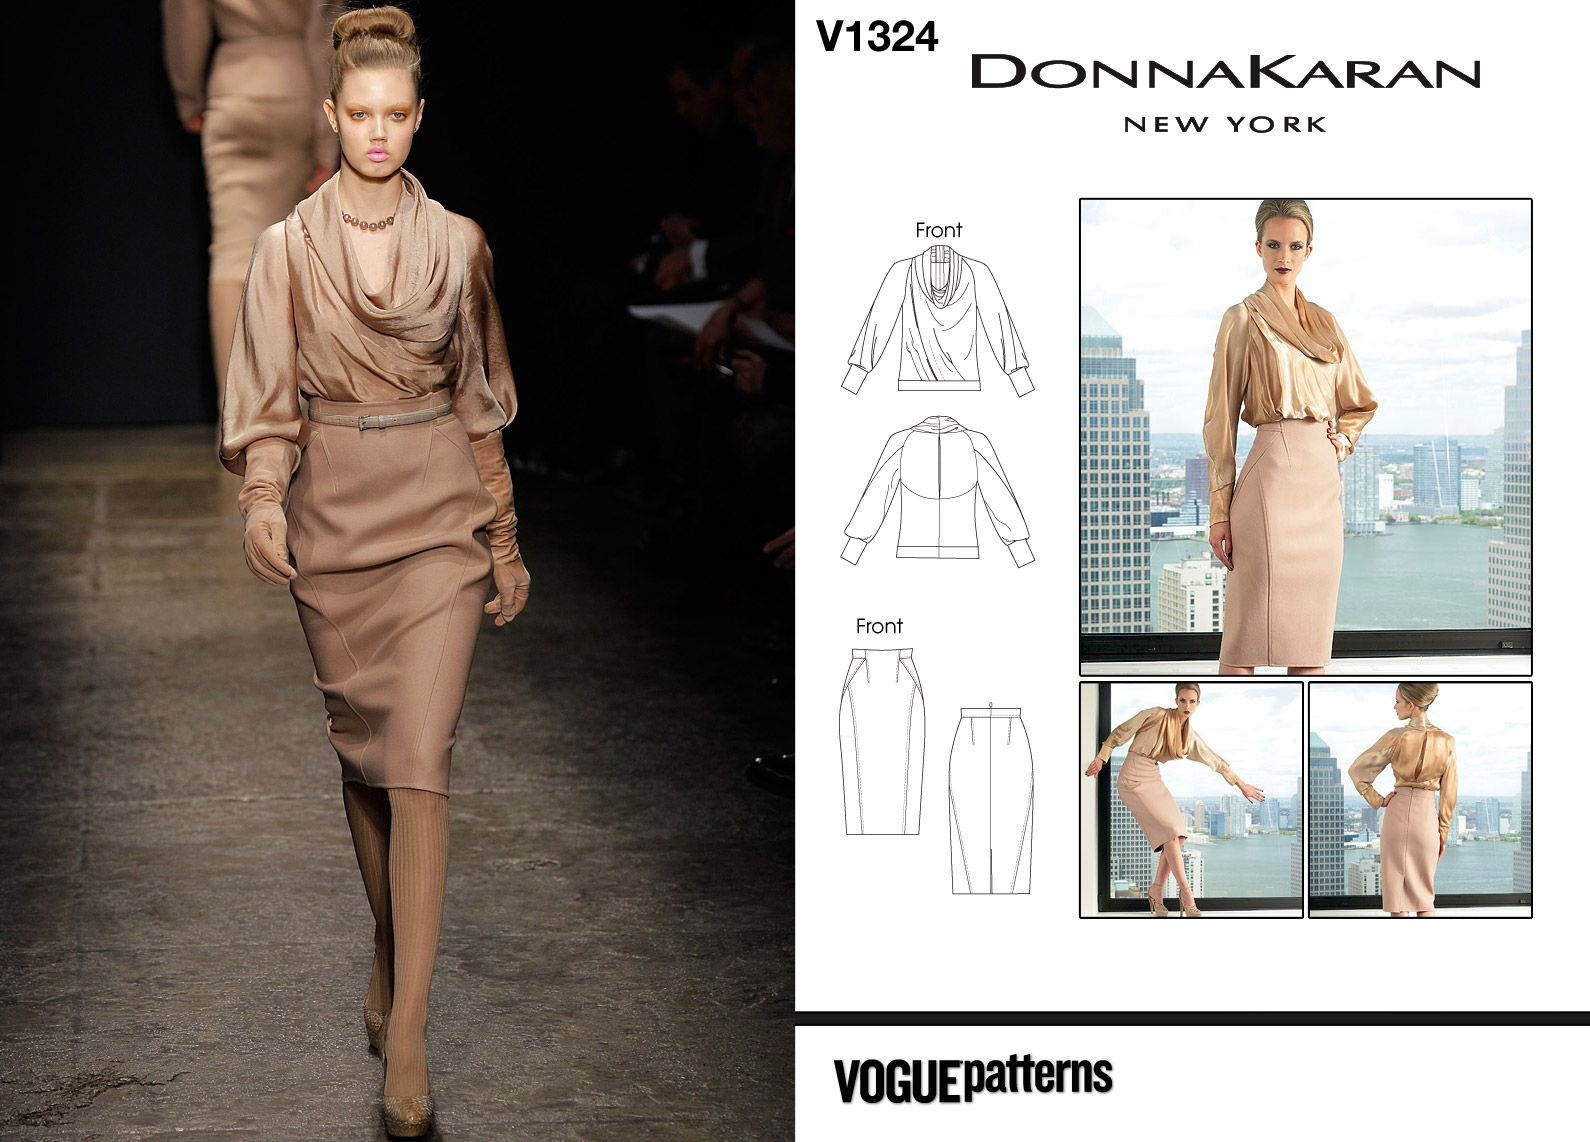 Donna Karan Fall 2011 / Vogue V1324